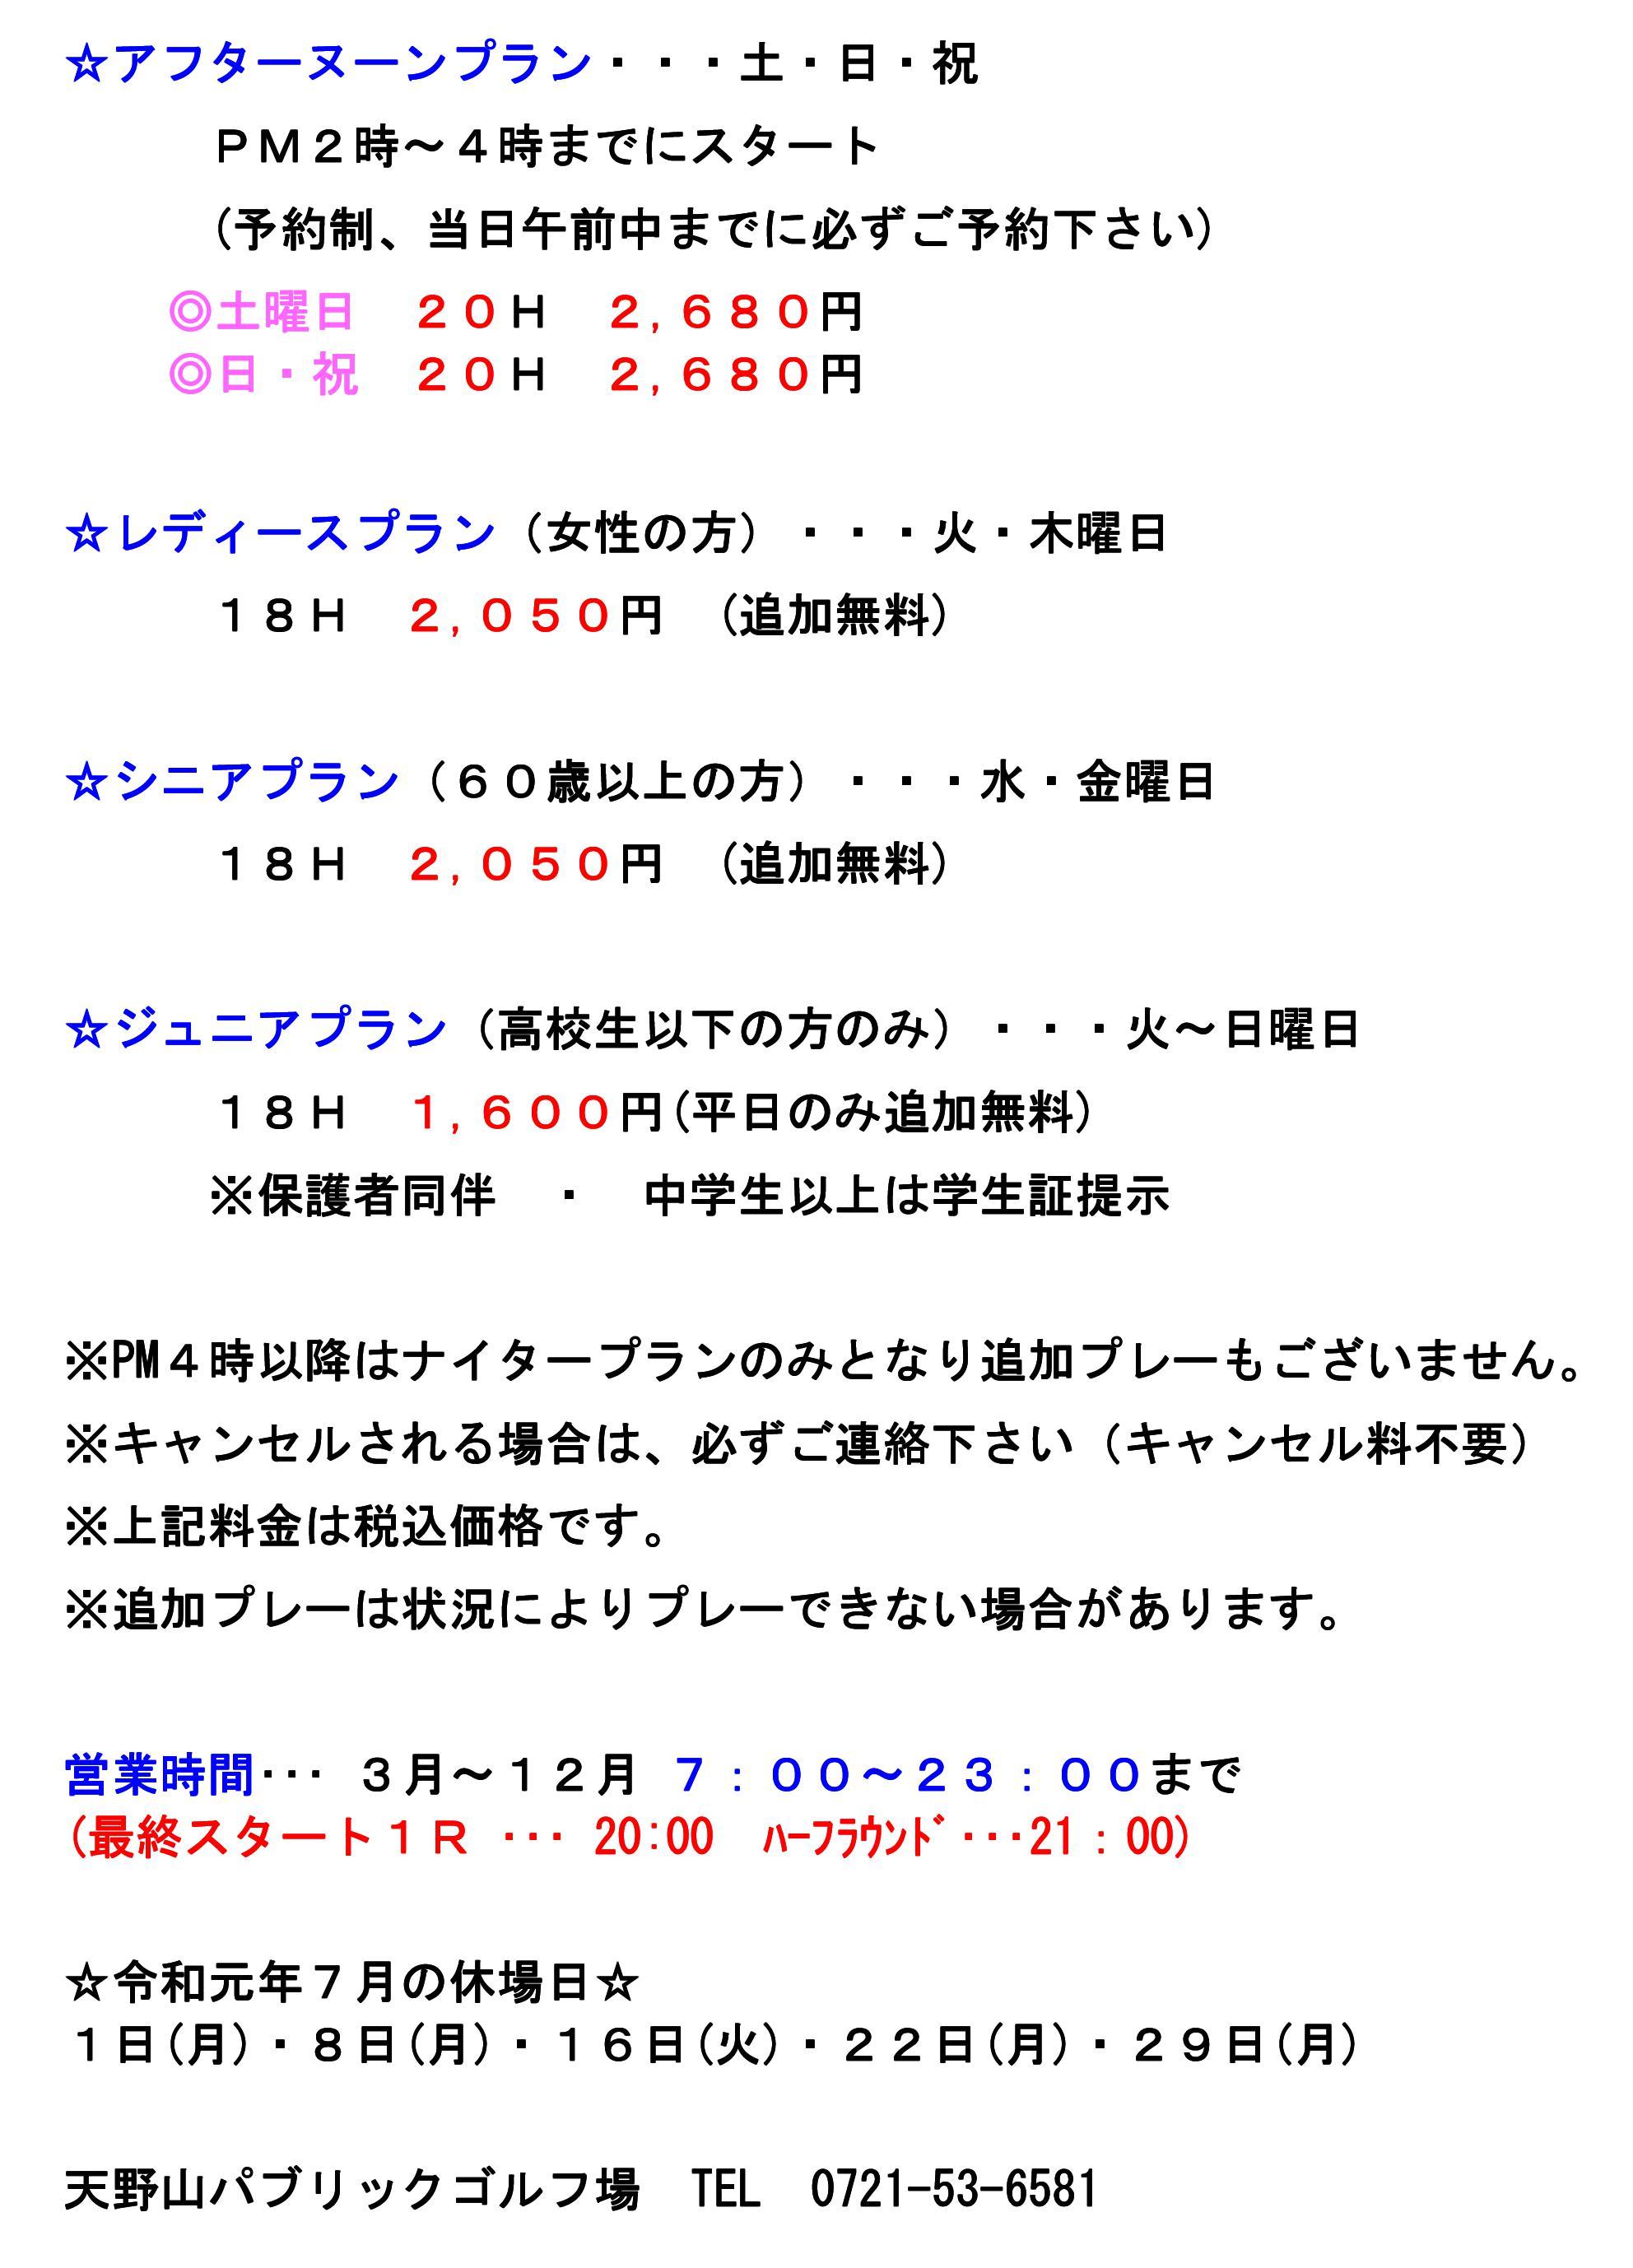 R1-7月プラン-002